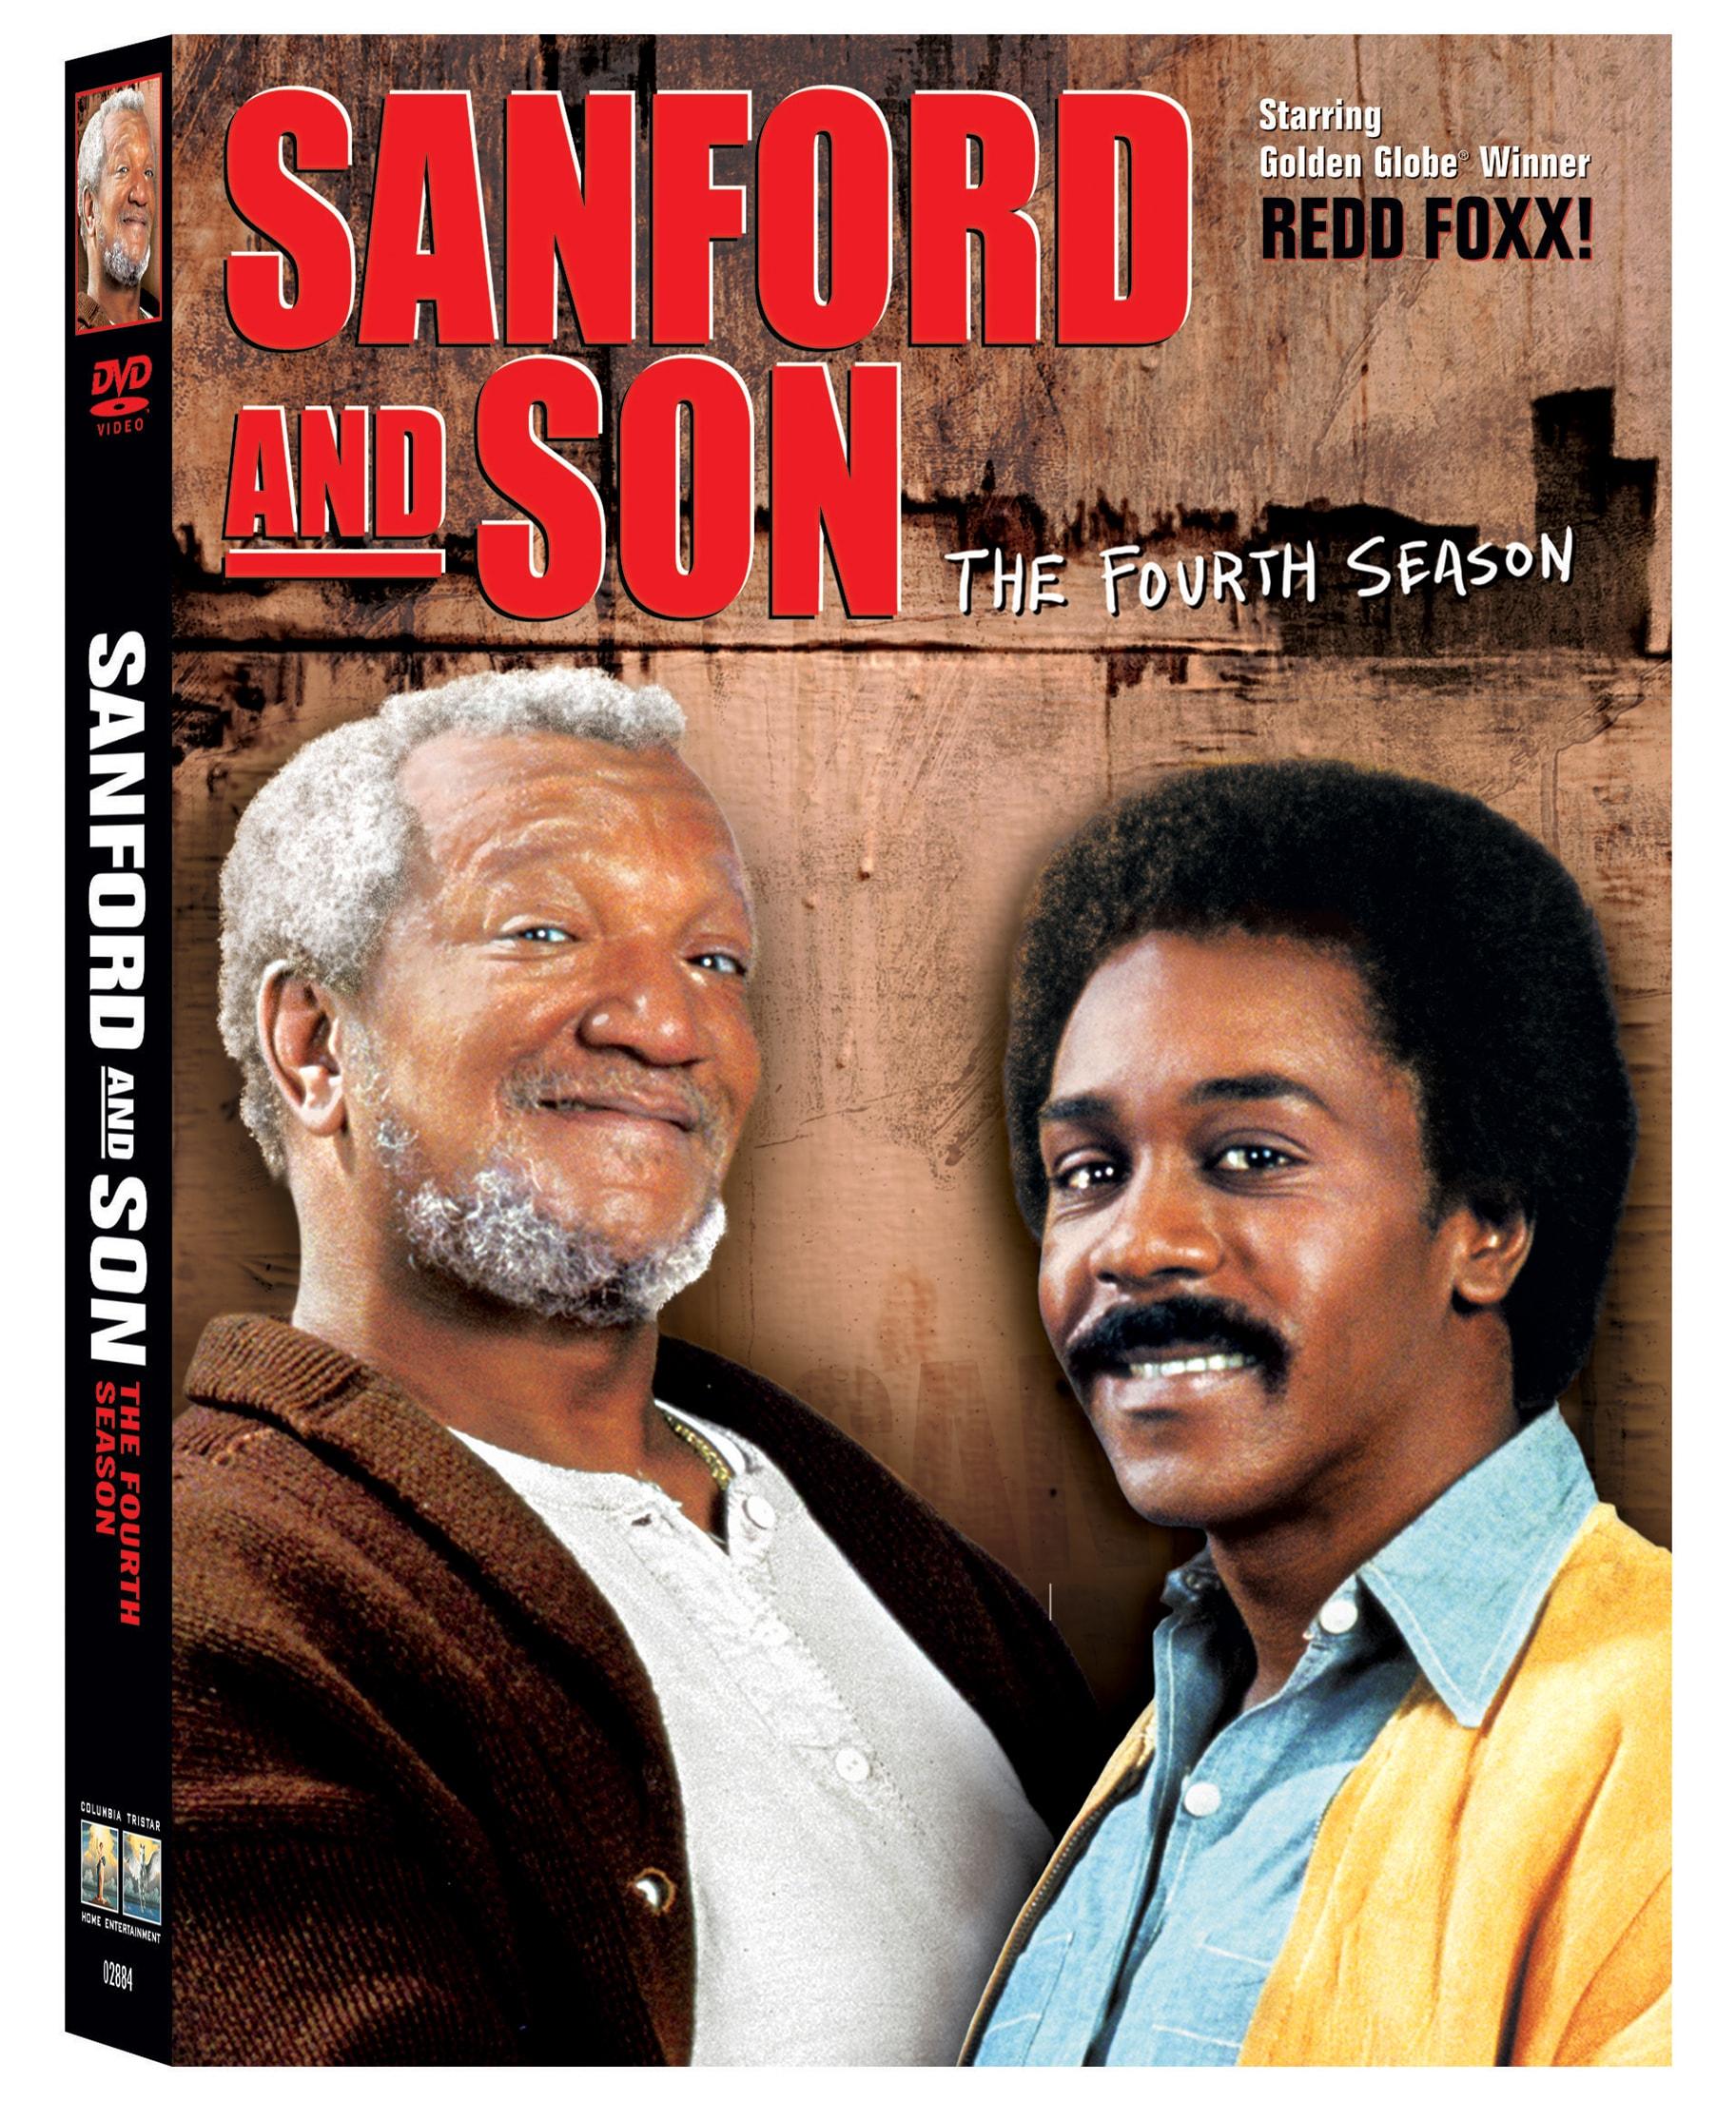 Sanford & Son: The Fourth Season (DVD)